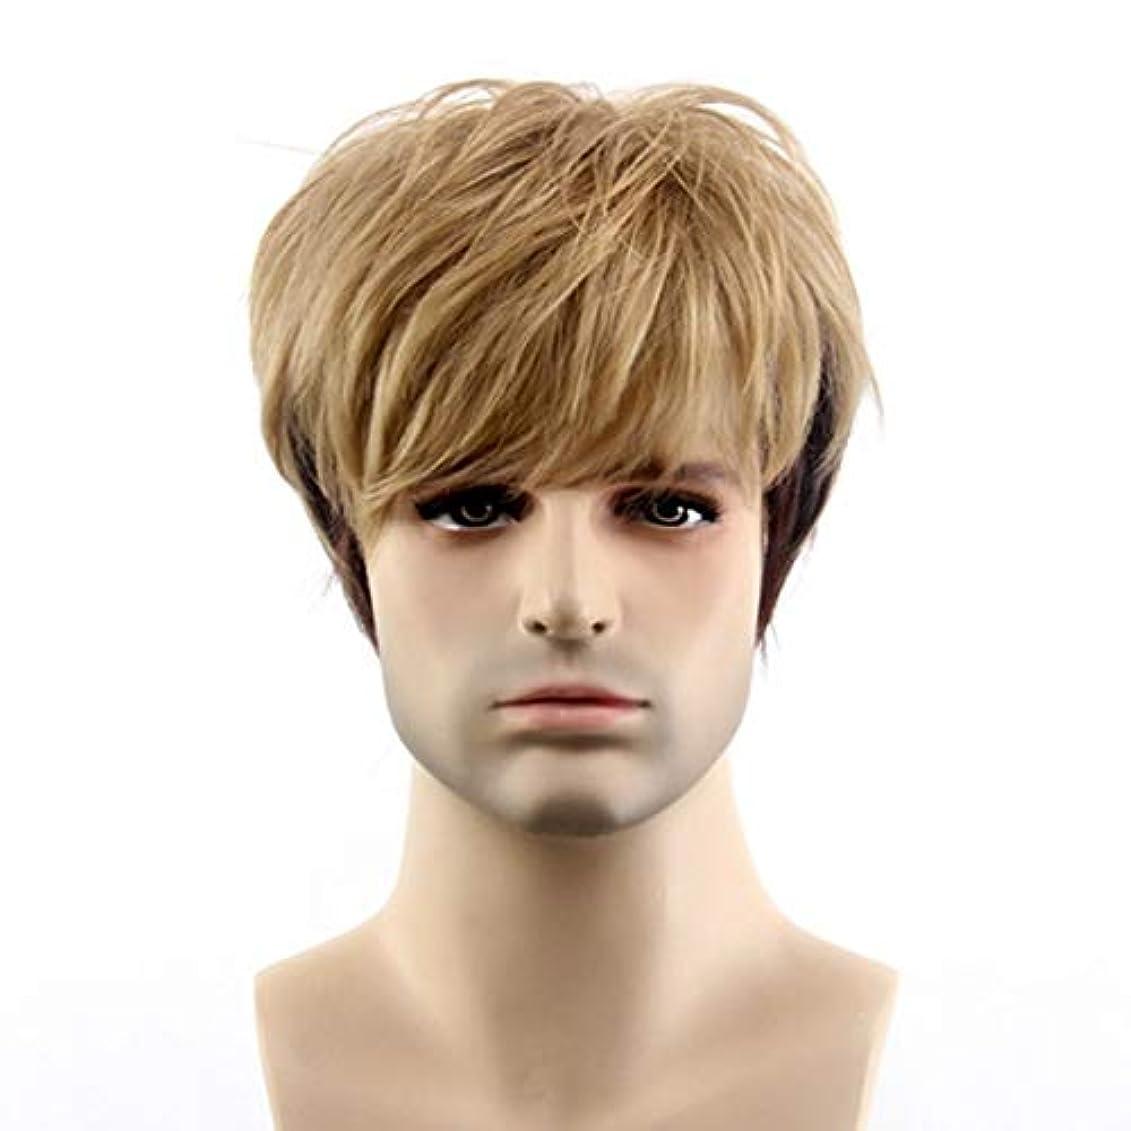 ポーン局キャリアChaopeng メンズかつら化学繊維かつらゴールド混合黒ファッションショートヘアウィッグ